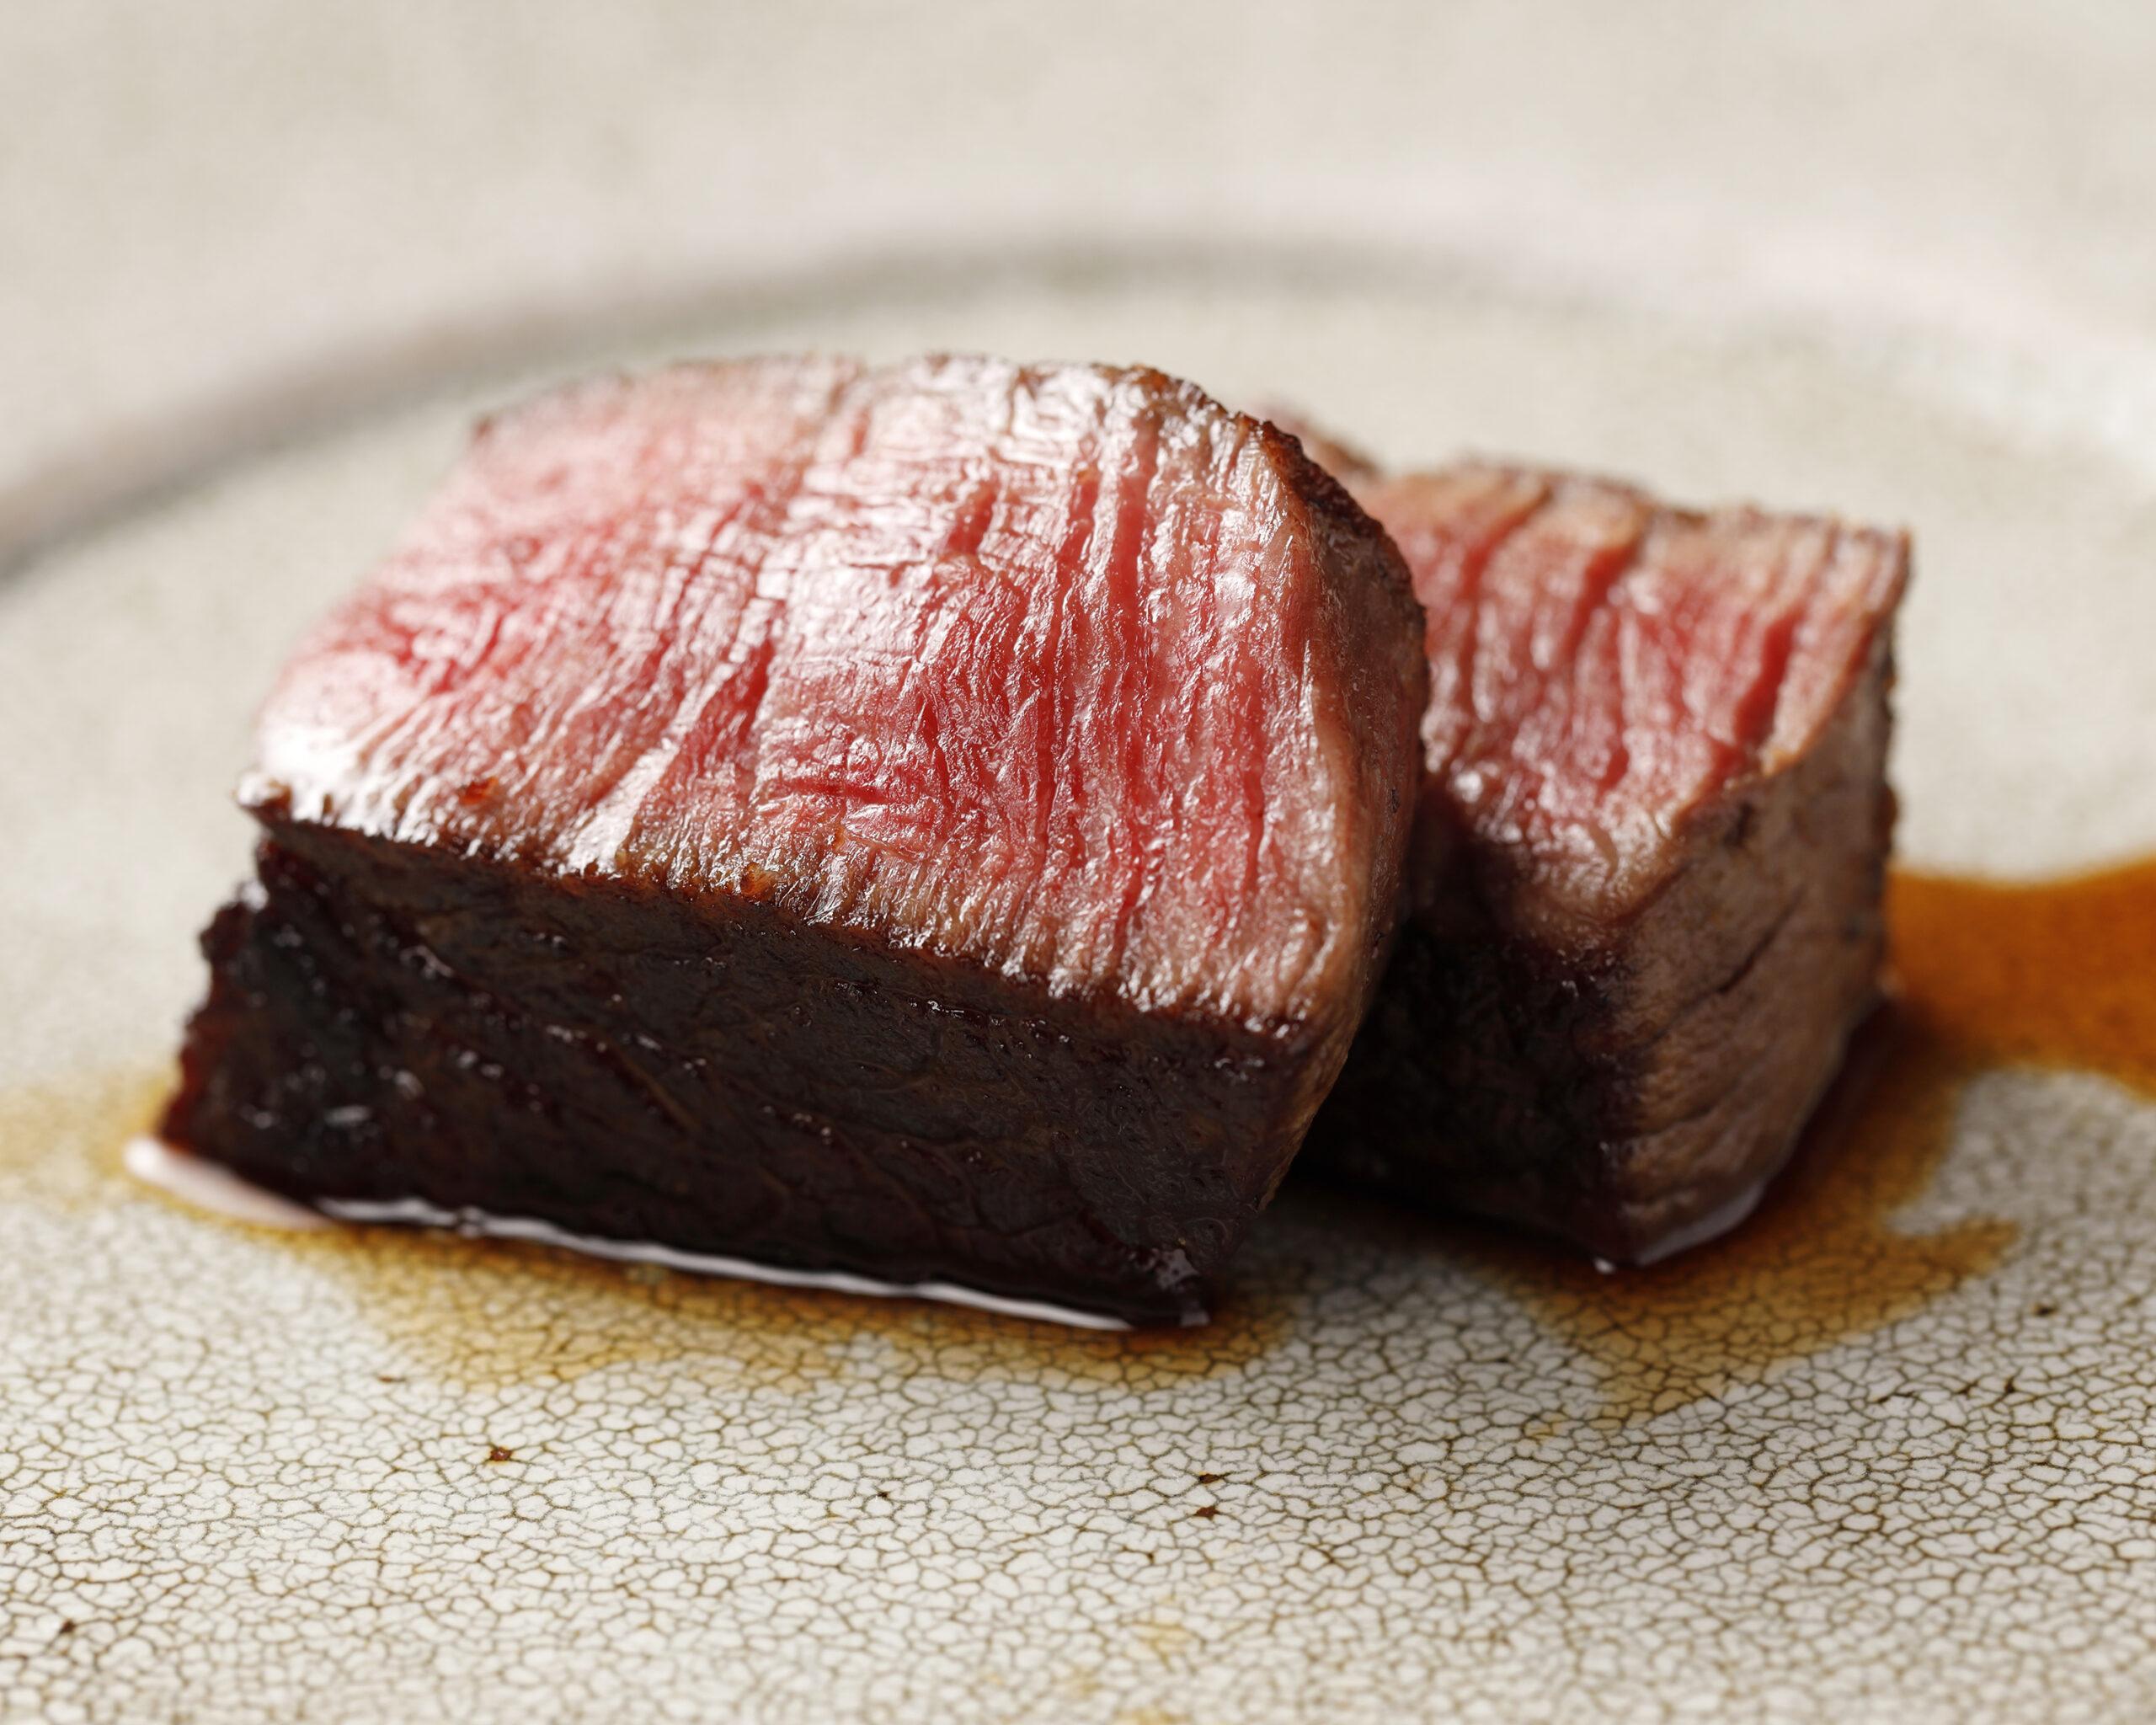 昼の部【茜】<p>旬野菜と季節のお造り、 主菜はとちぎ和牛ヒレステーキをご用意いたします。 多彩な味覚を少しずつ楽しめるコースです。</p>